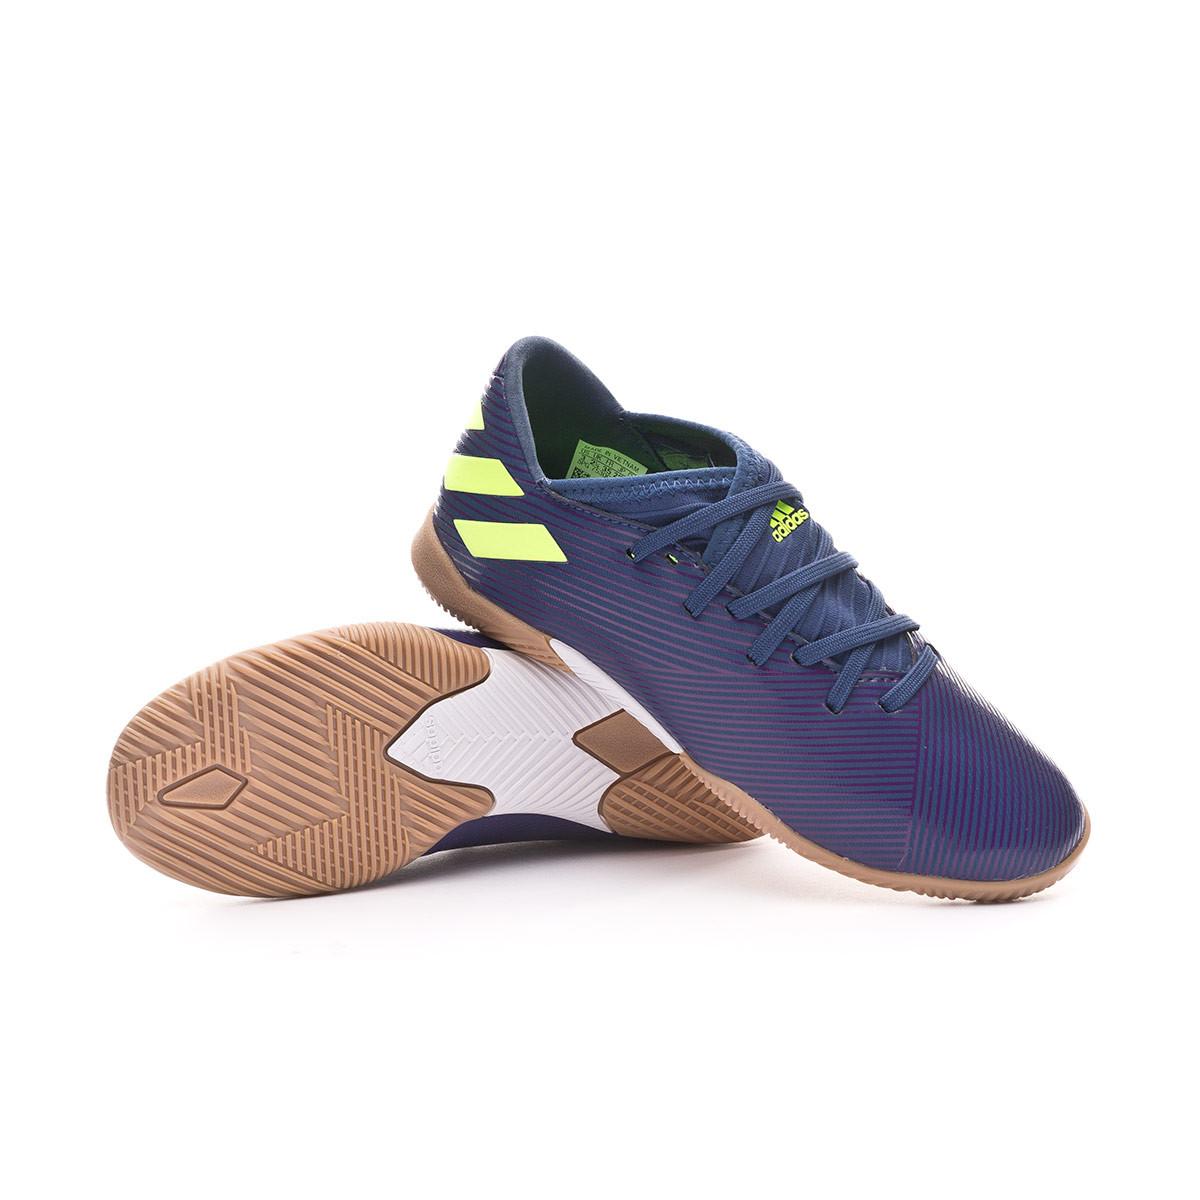 Sapatilha de Futsal adidas NEMEZIZ MESSI 19.3 IN Criança